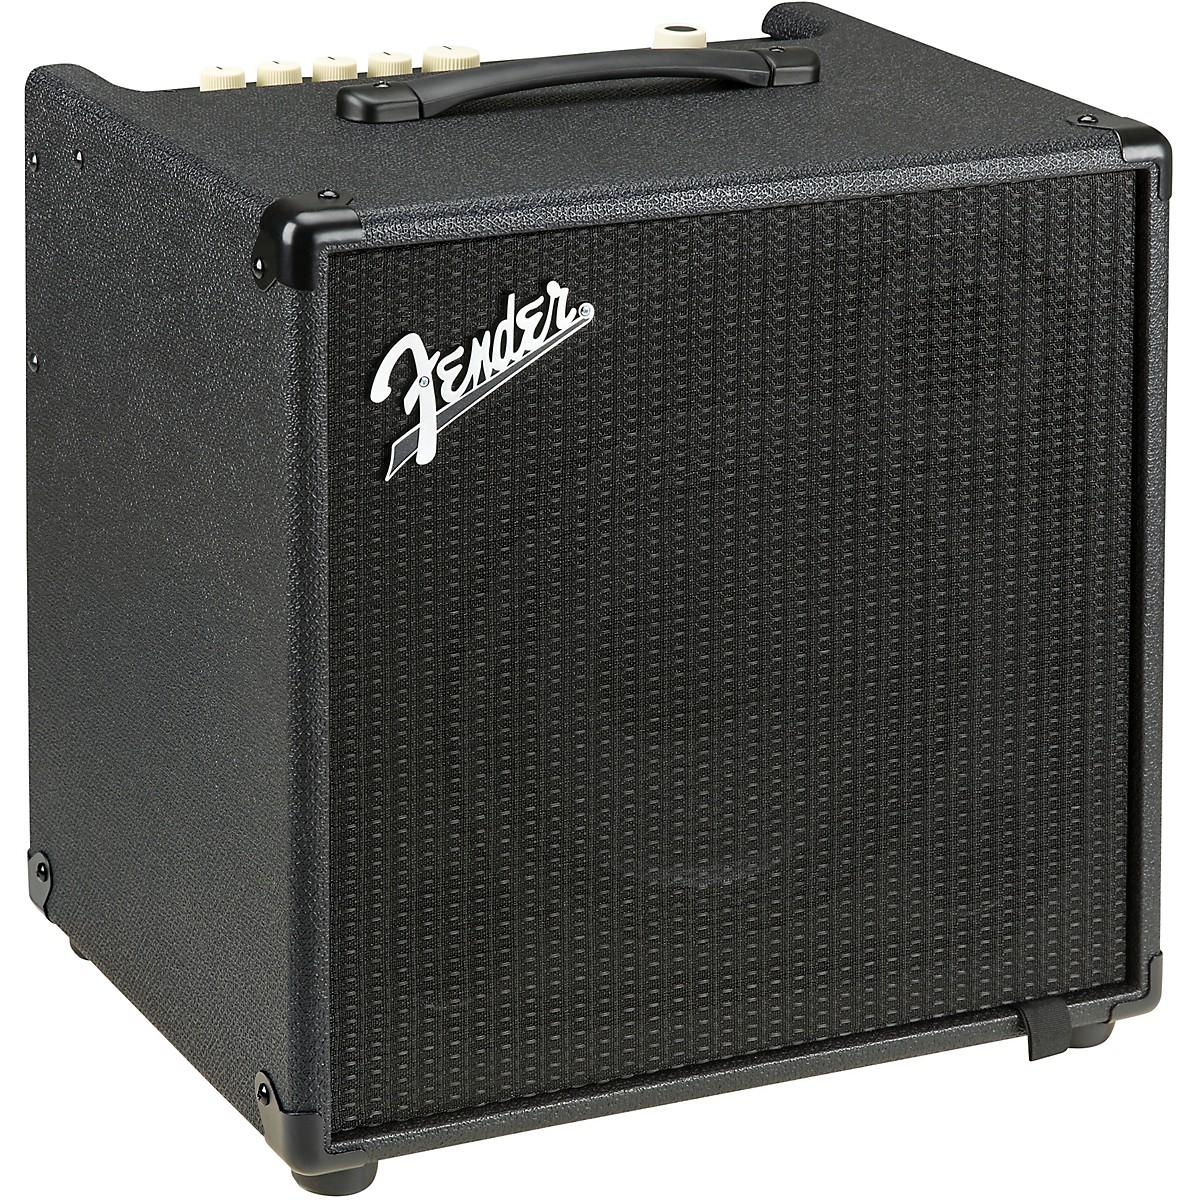 Fender Rumble Studio 40 40W 1x10 Bass Combo Amplifier